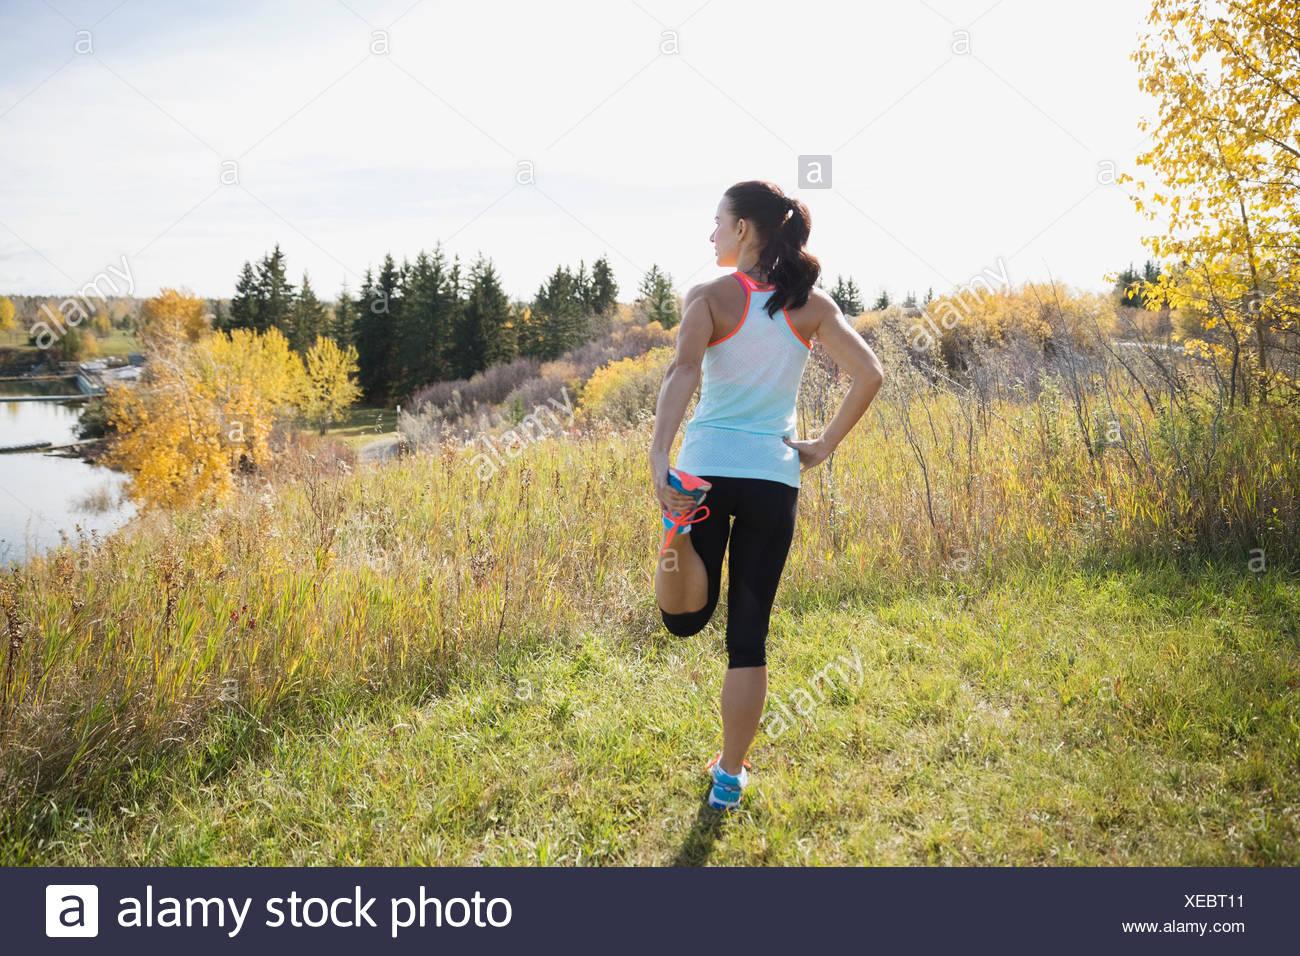 Pareggiatore di allungamento della gamba in campo di autunno Immagini Stock